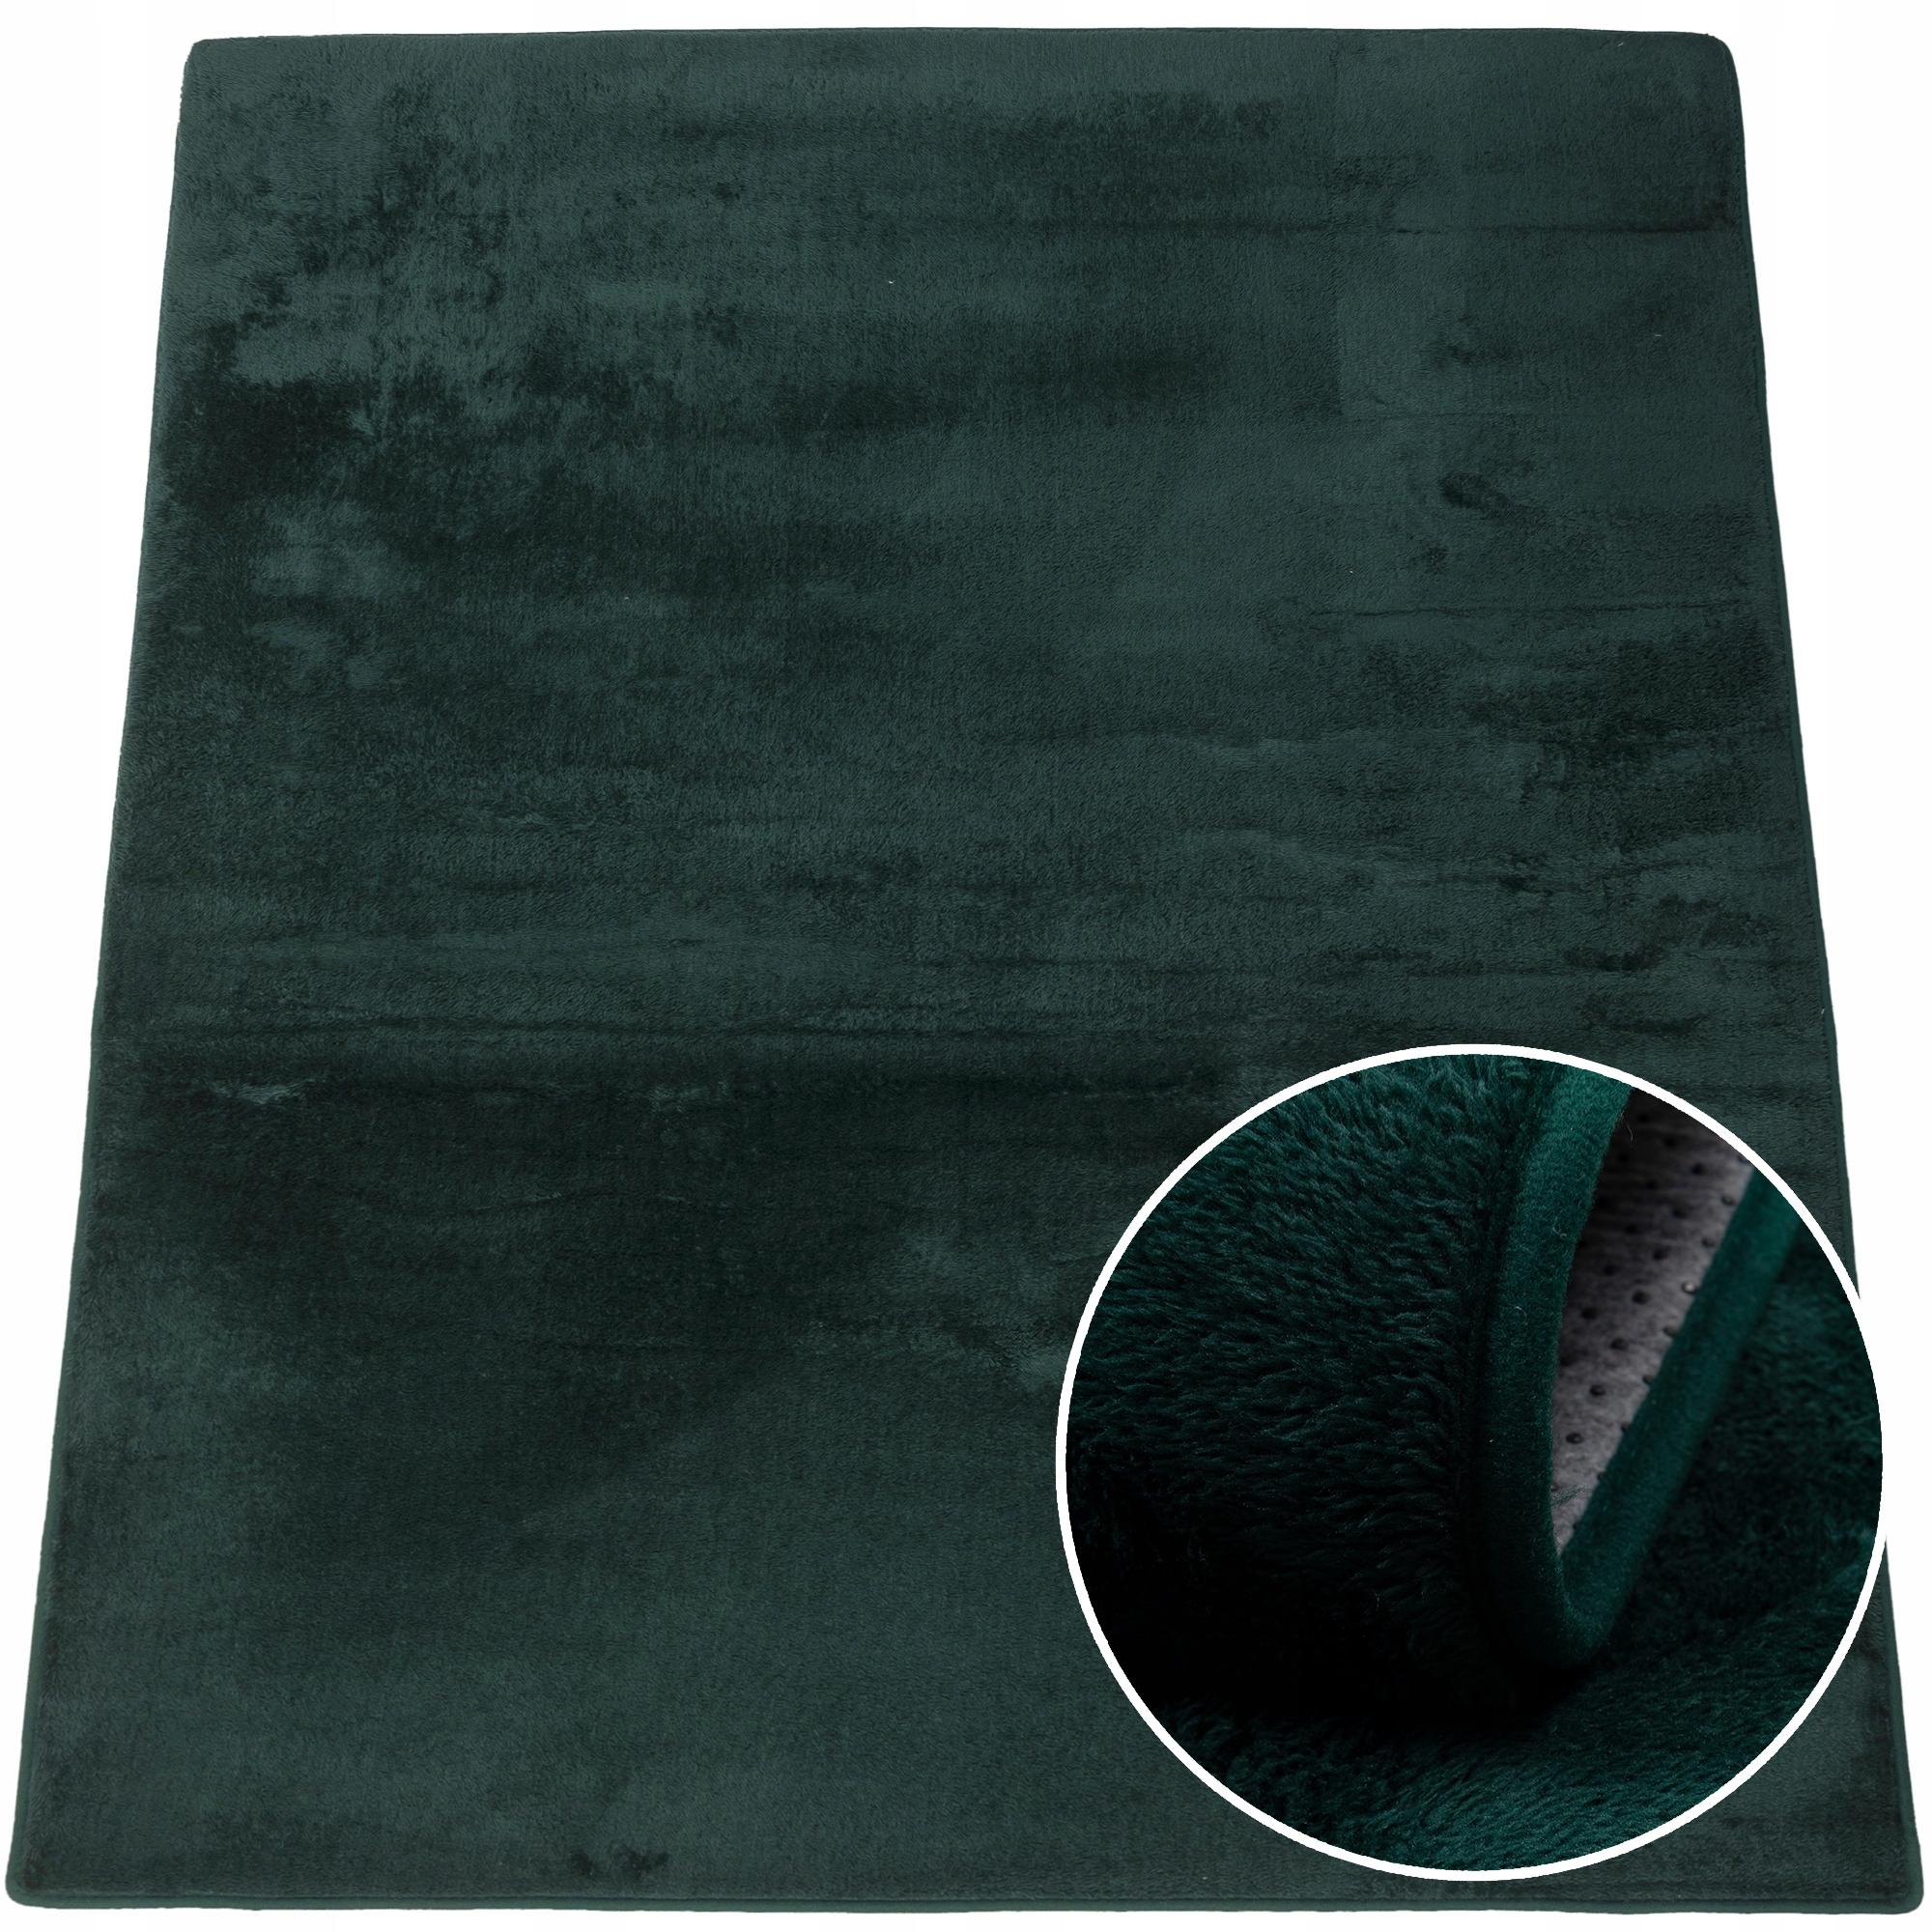 Dywan miękki pluszowy nowoczesny 60x100 cm Zielony